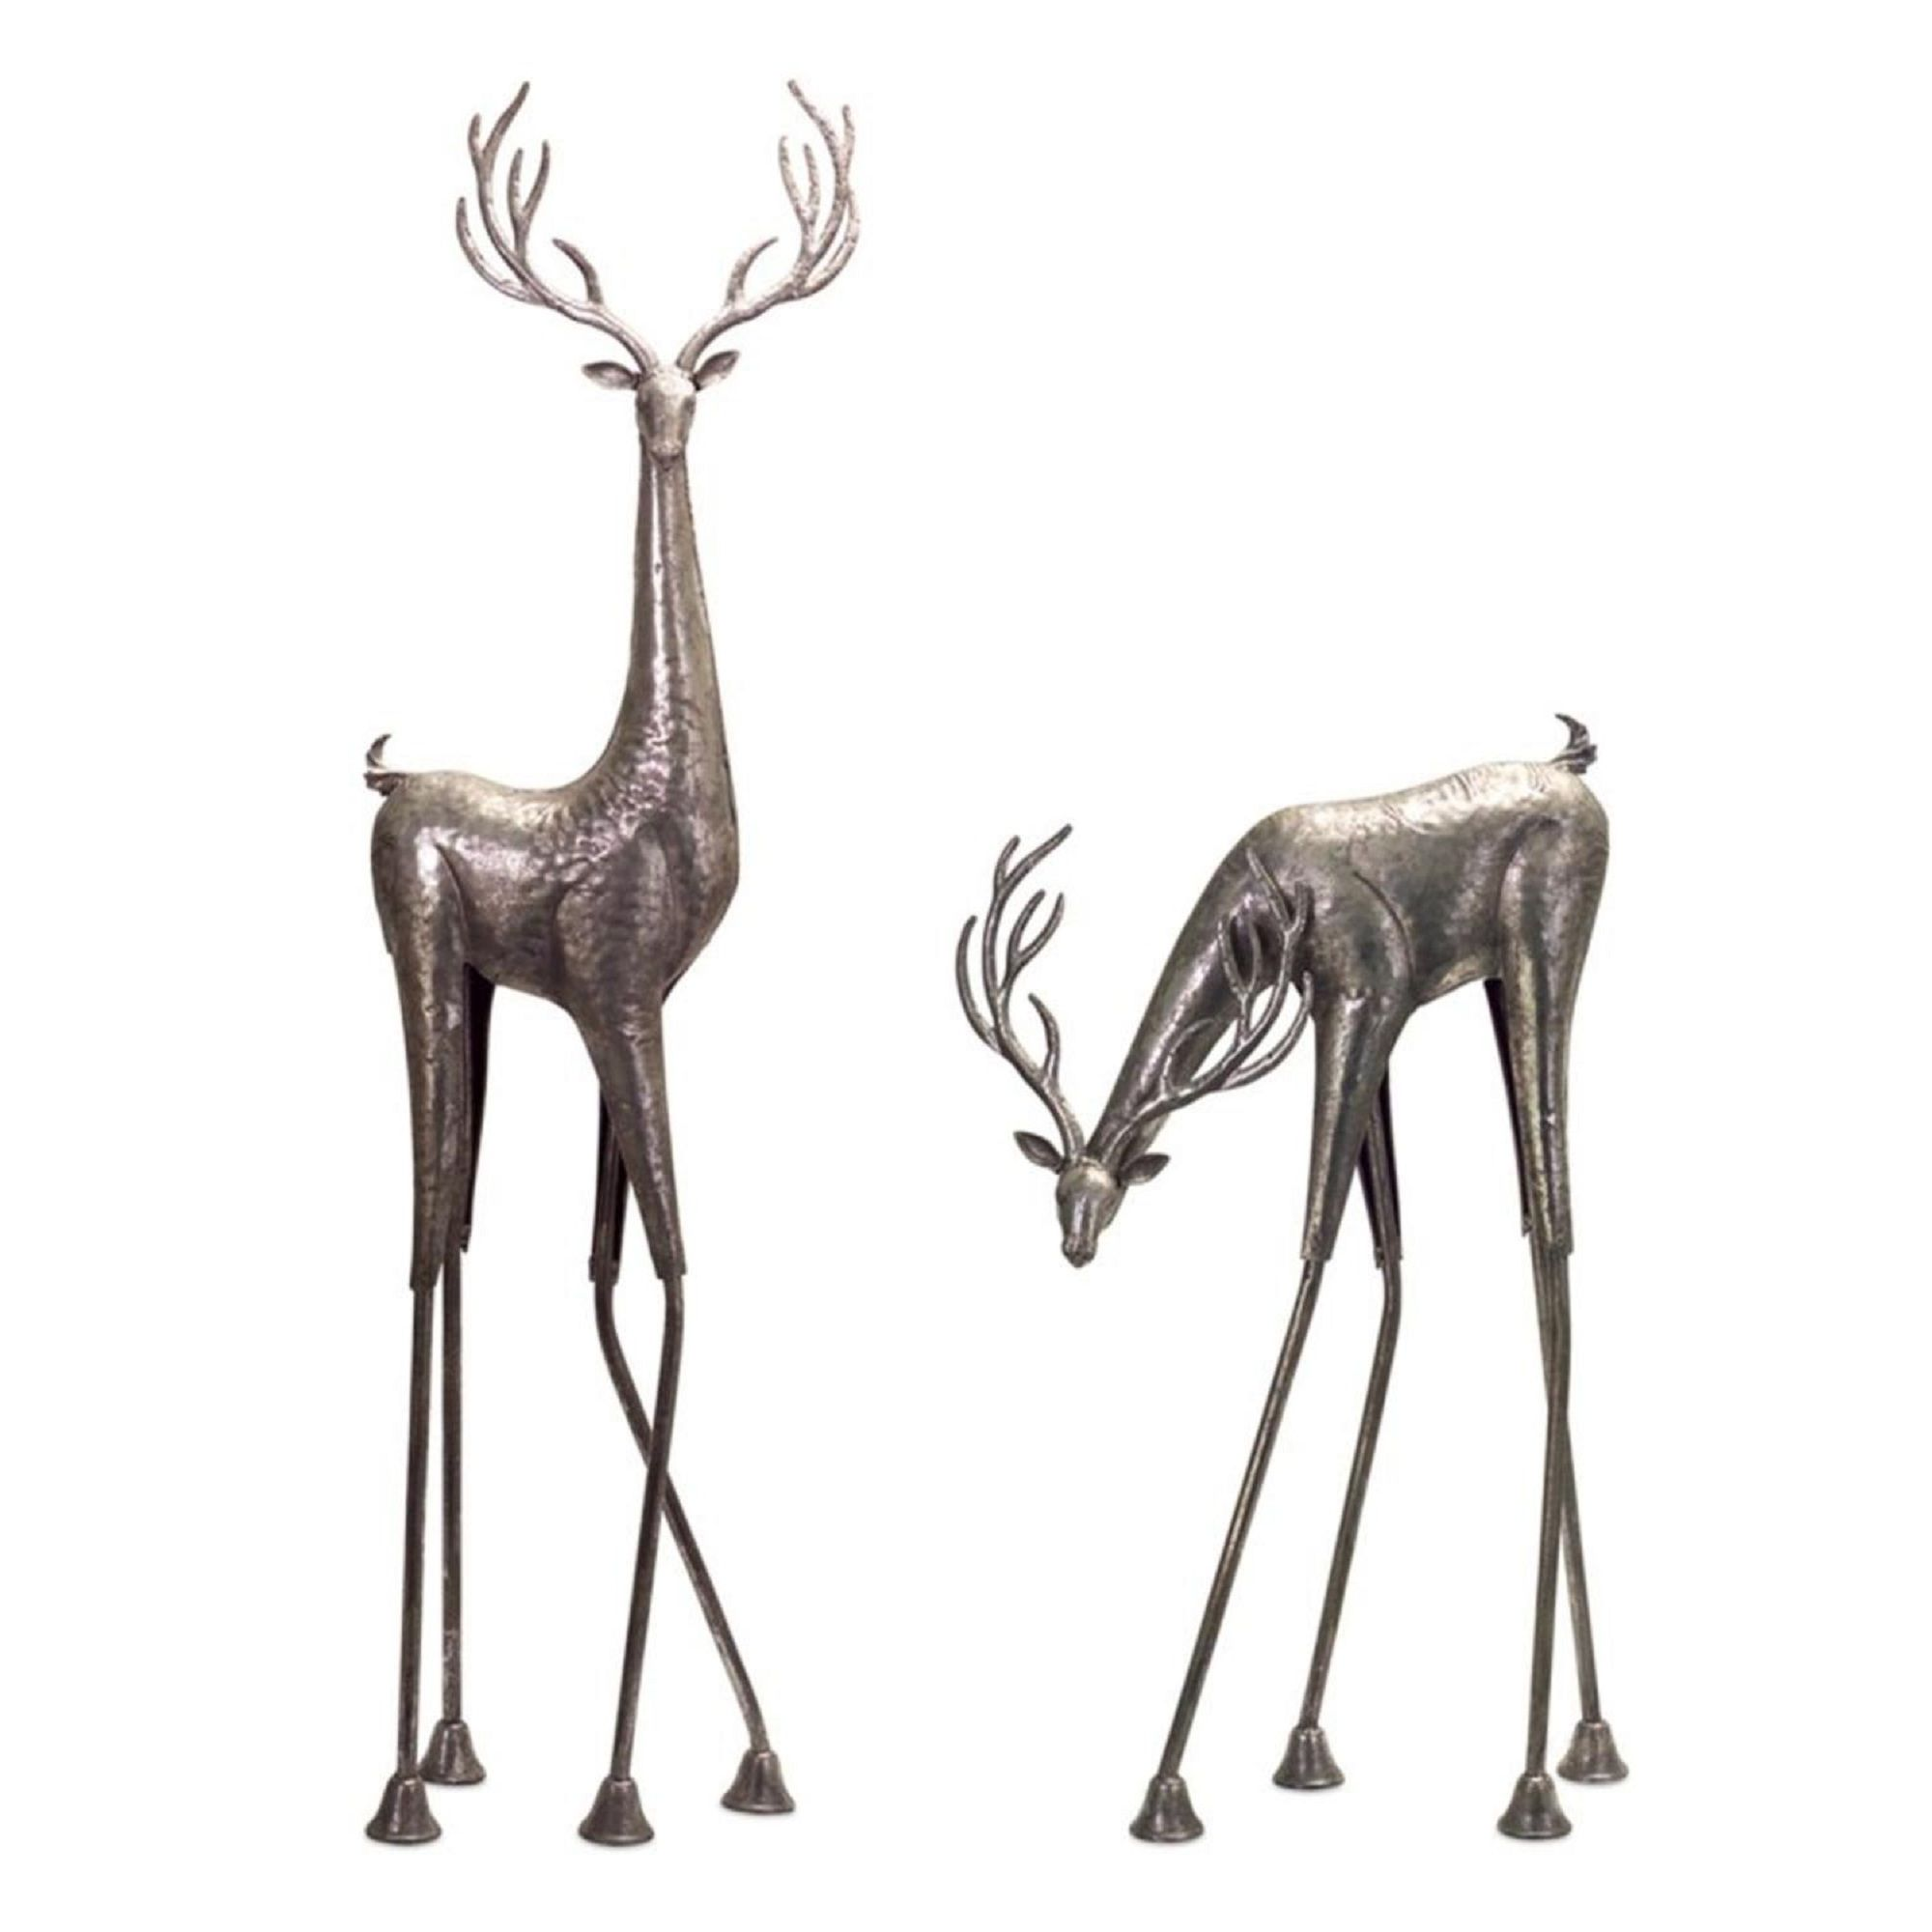 Set Of 2 Decorative Rustic Metallic Silver Standing Deer With Textured Finish 45 Deer Decor Faux Deer Deer